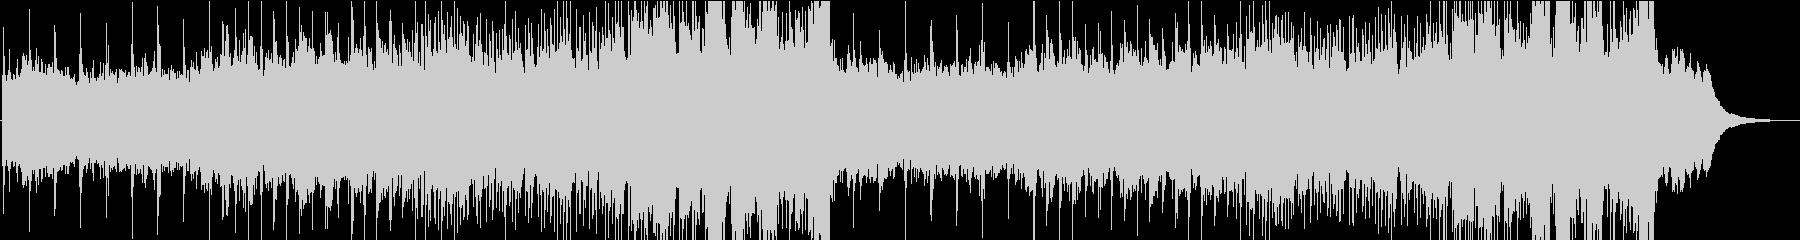 カノン オルゴールオーケストラの未再生の波形